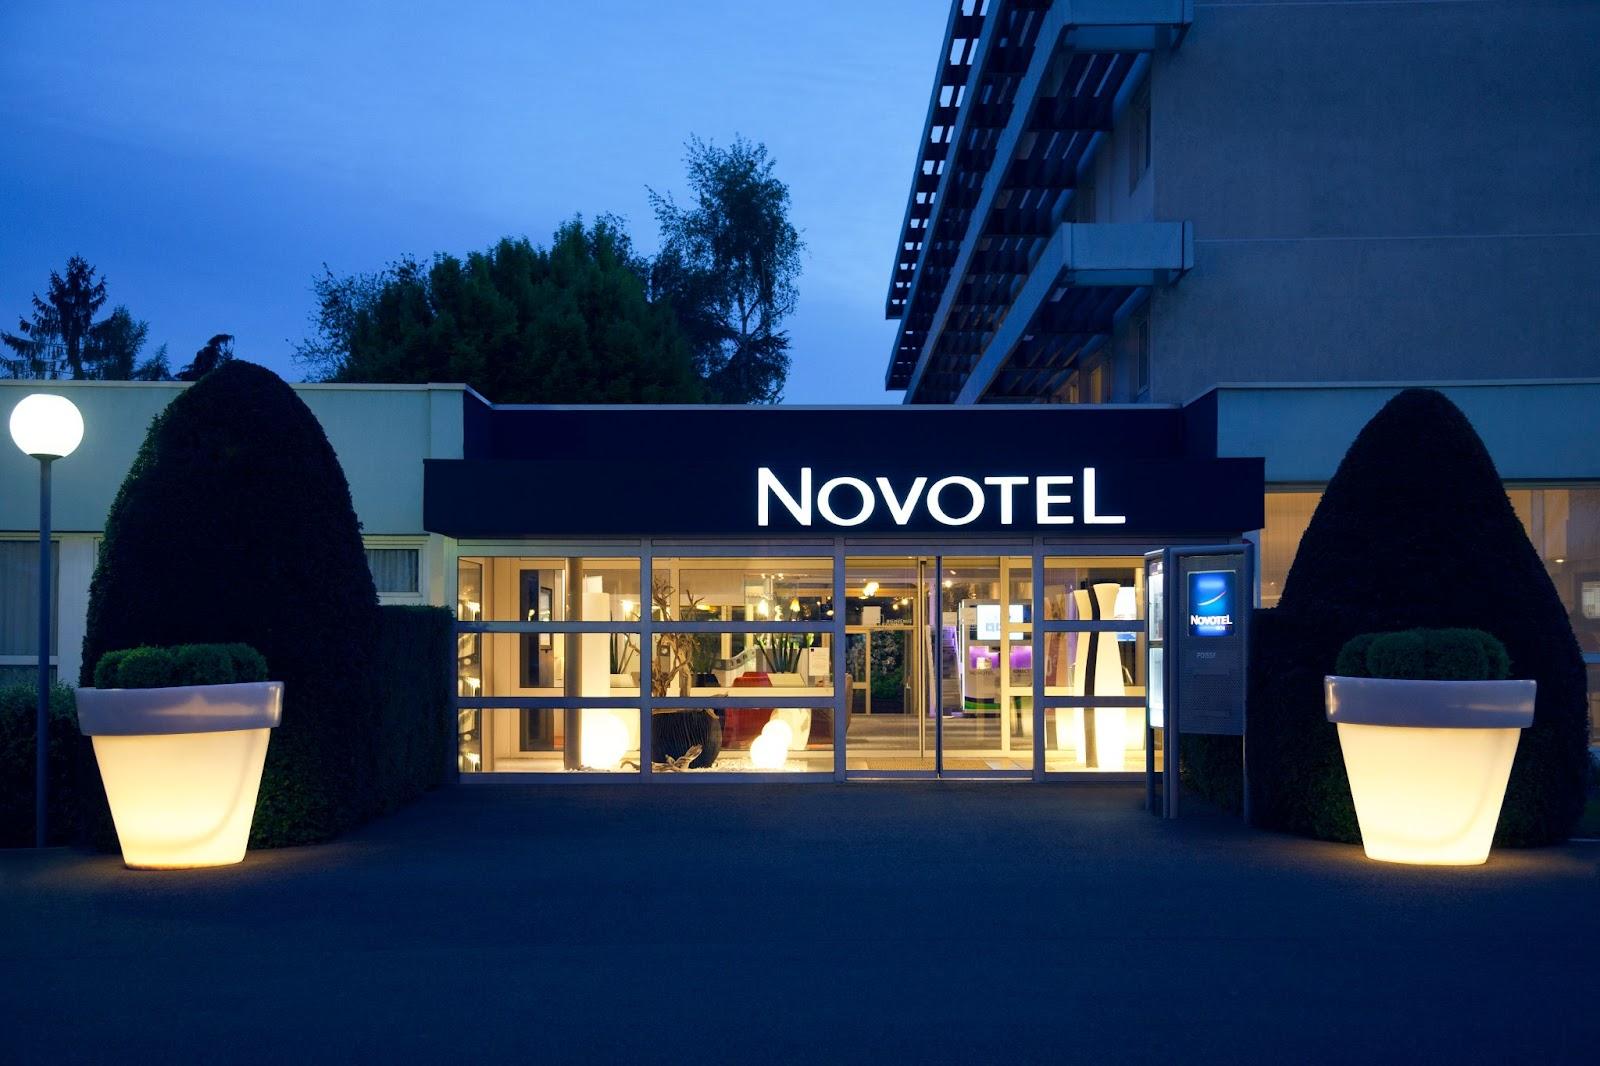 Devanture du Novotel la nuit